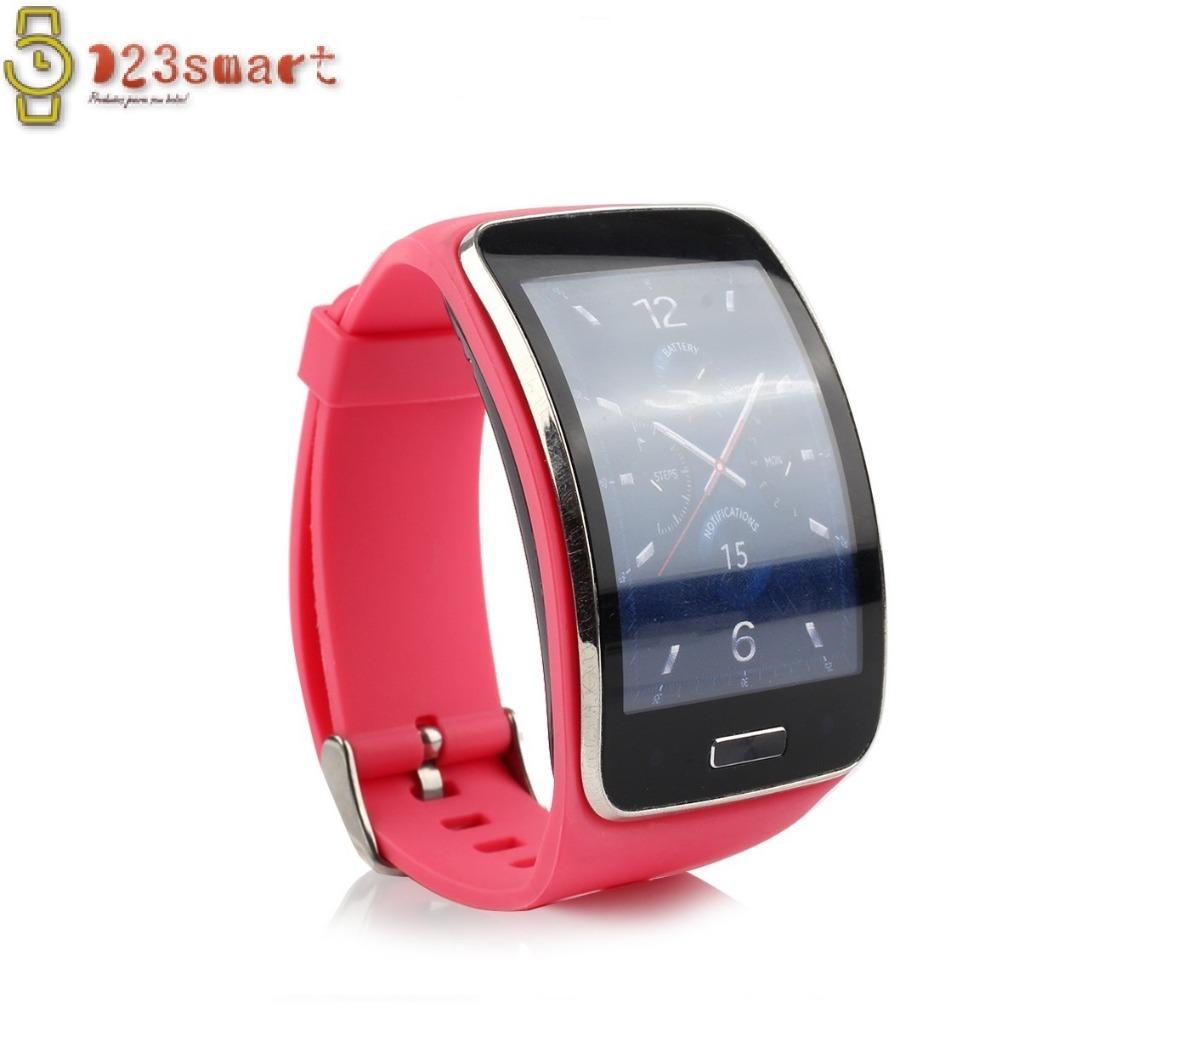 6f2642a119c pulseira rosa para relógio smartwatch samsung gear s r750. Carregando zoom.